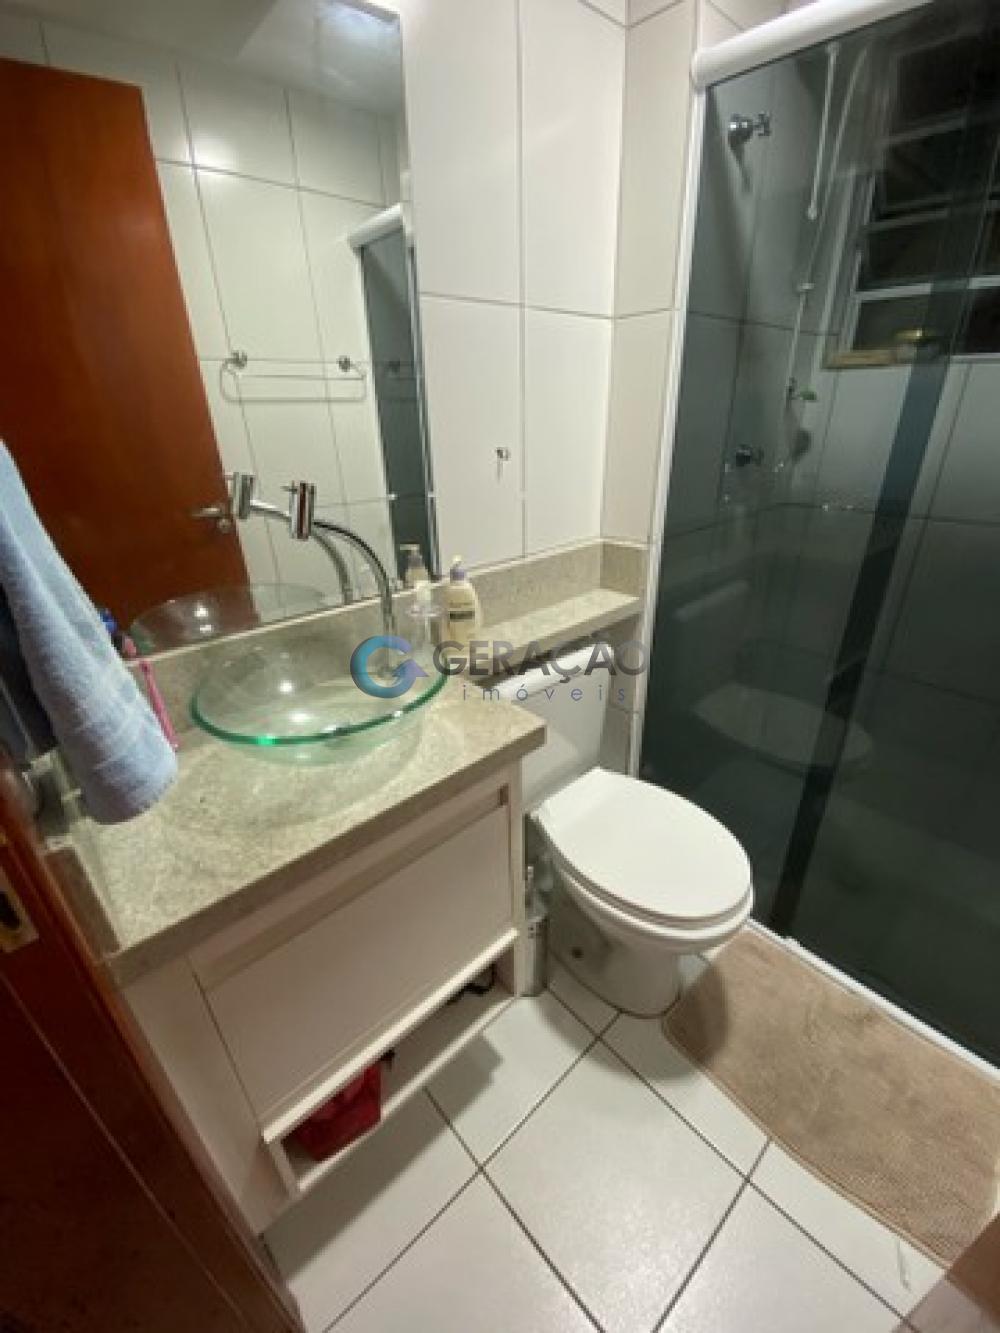 Comprar Apartamento / Padrão em São José dos Campos R$ 300.000,00 - Foto 14